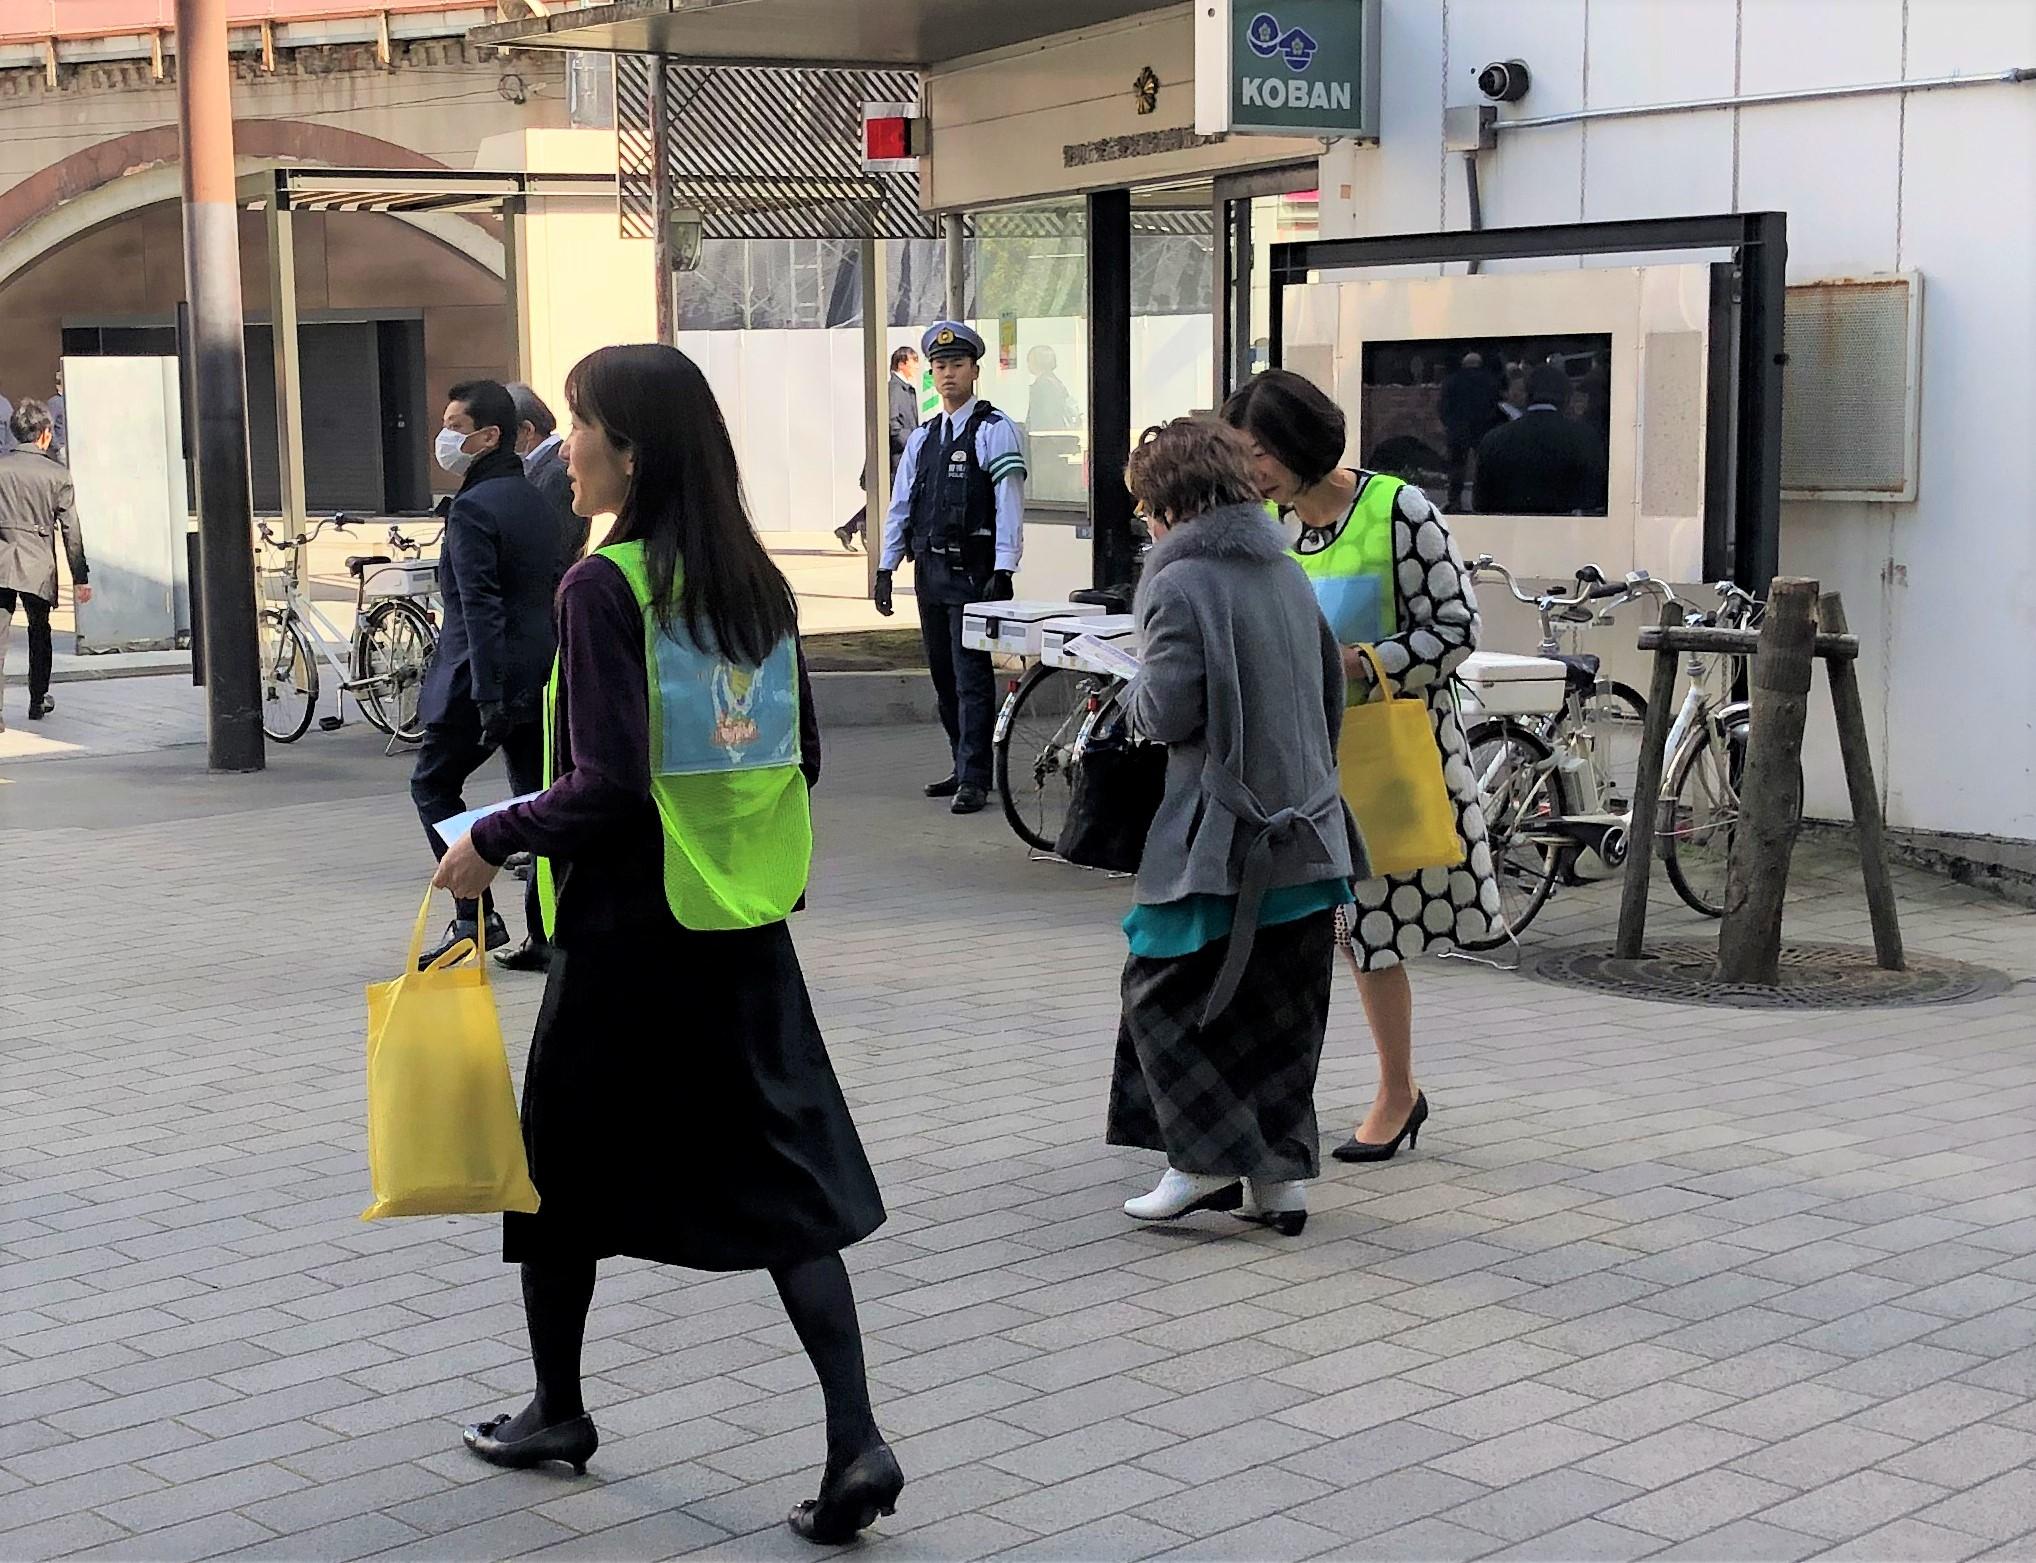 【街頭税務広報】2月 田町駅・新橋駅